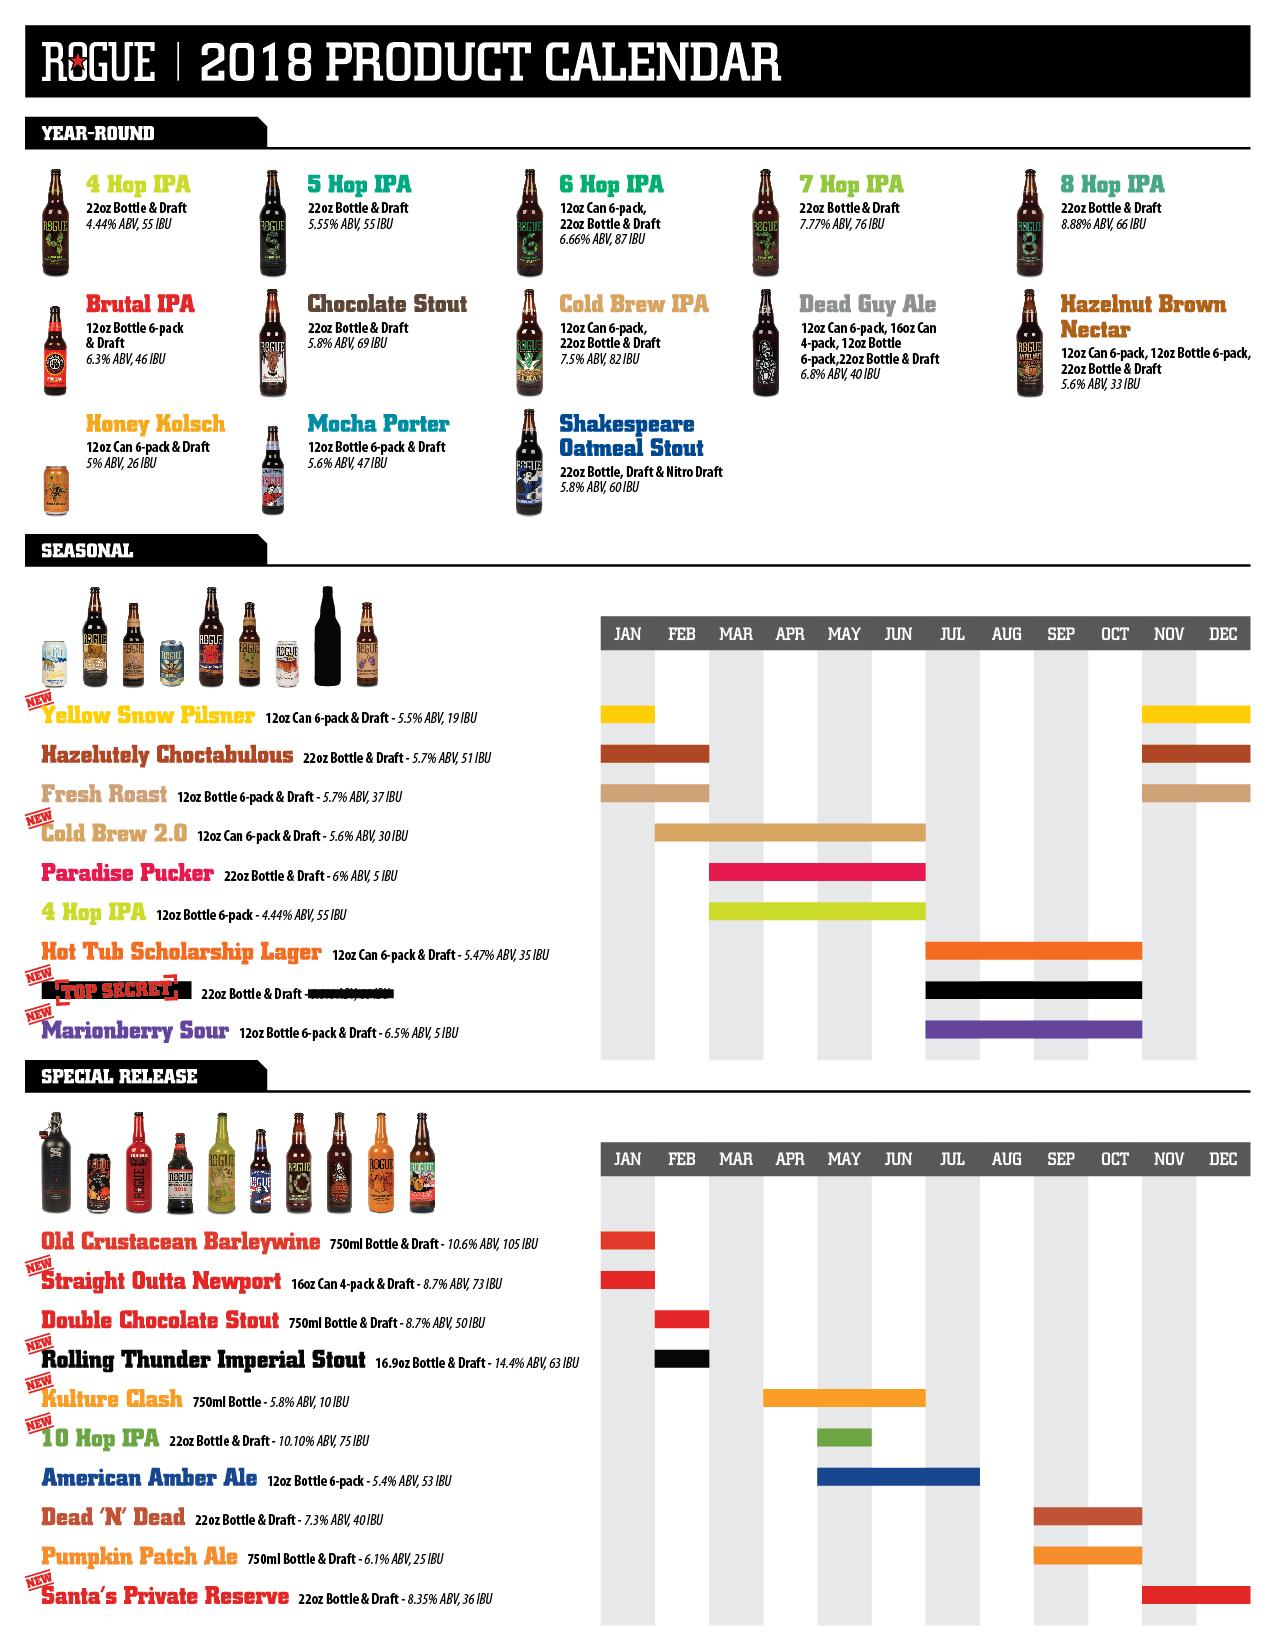 2018 Rogue Beer Calendar update